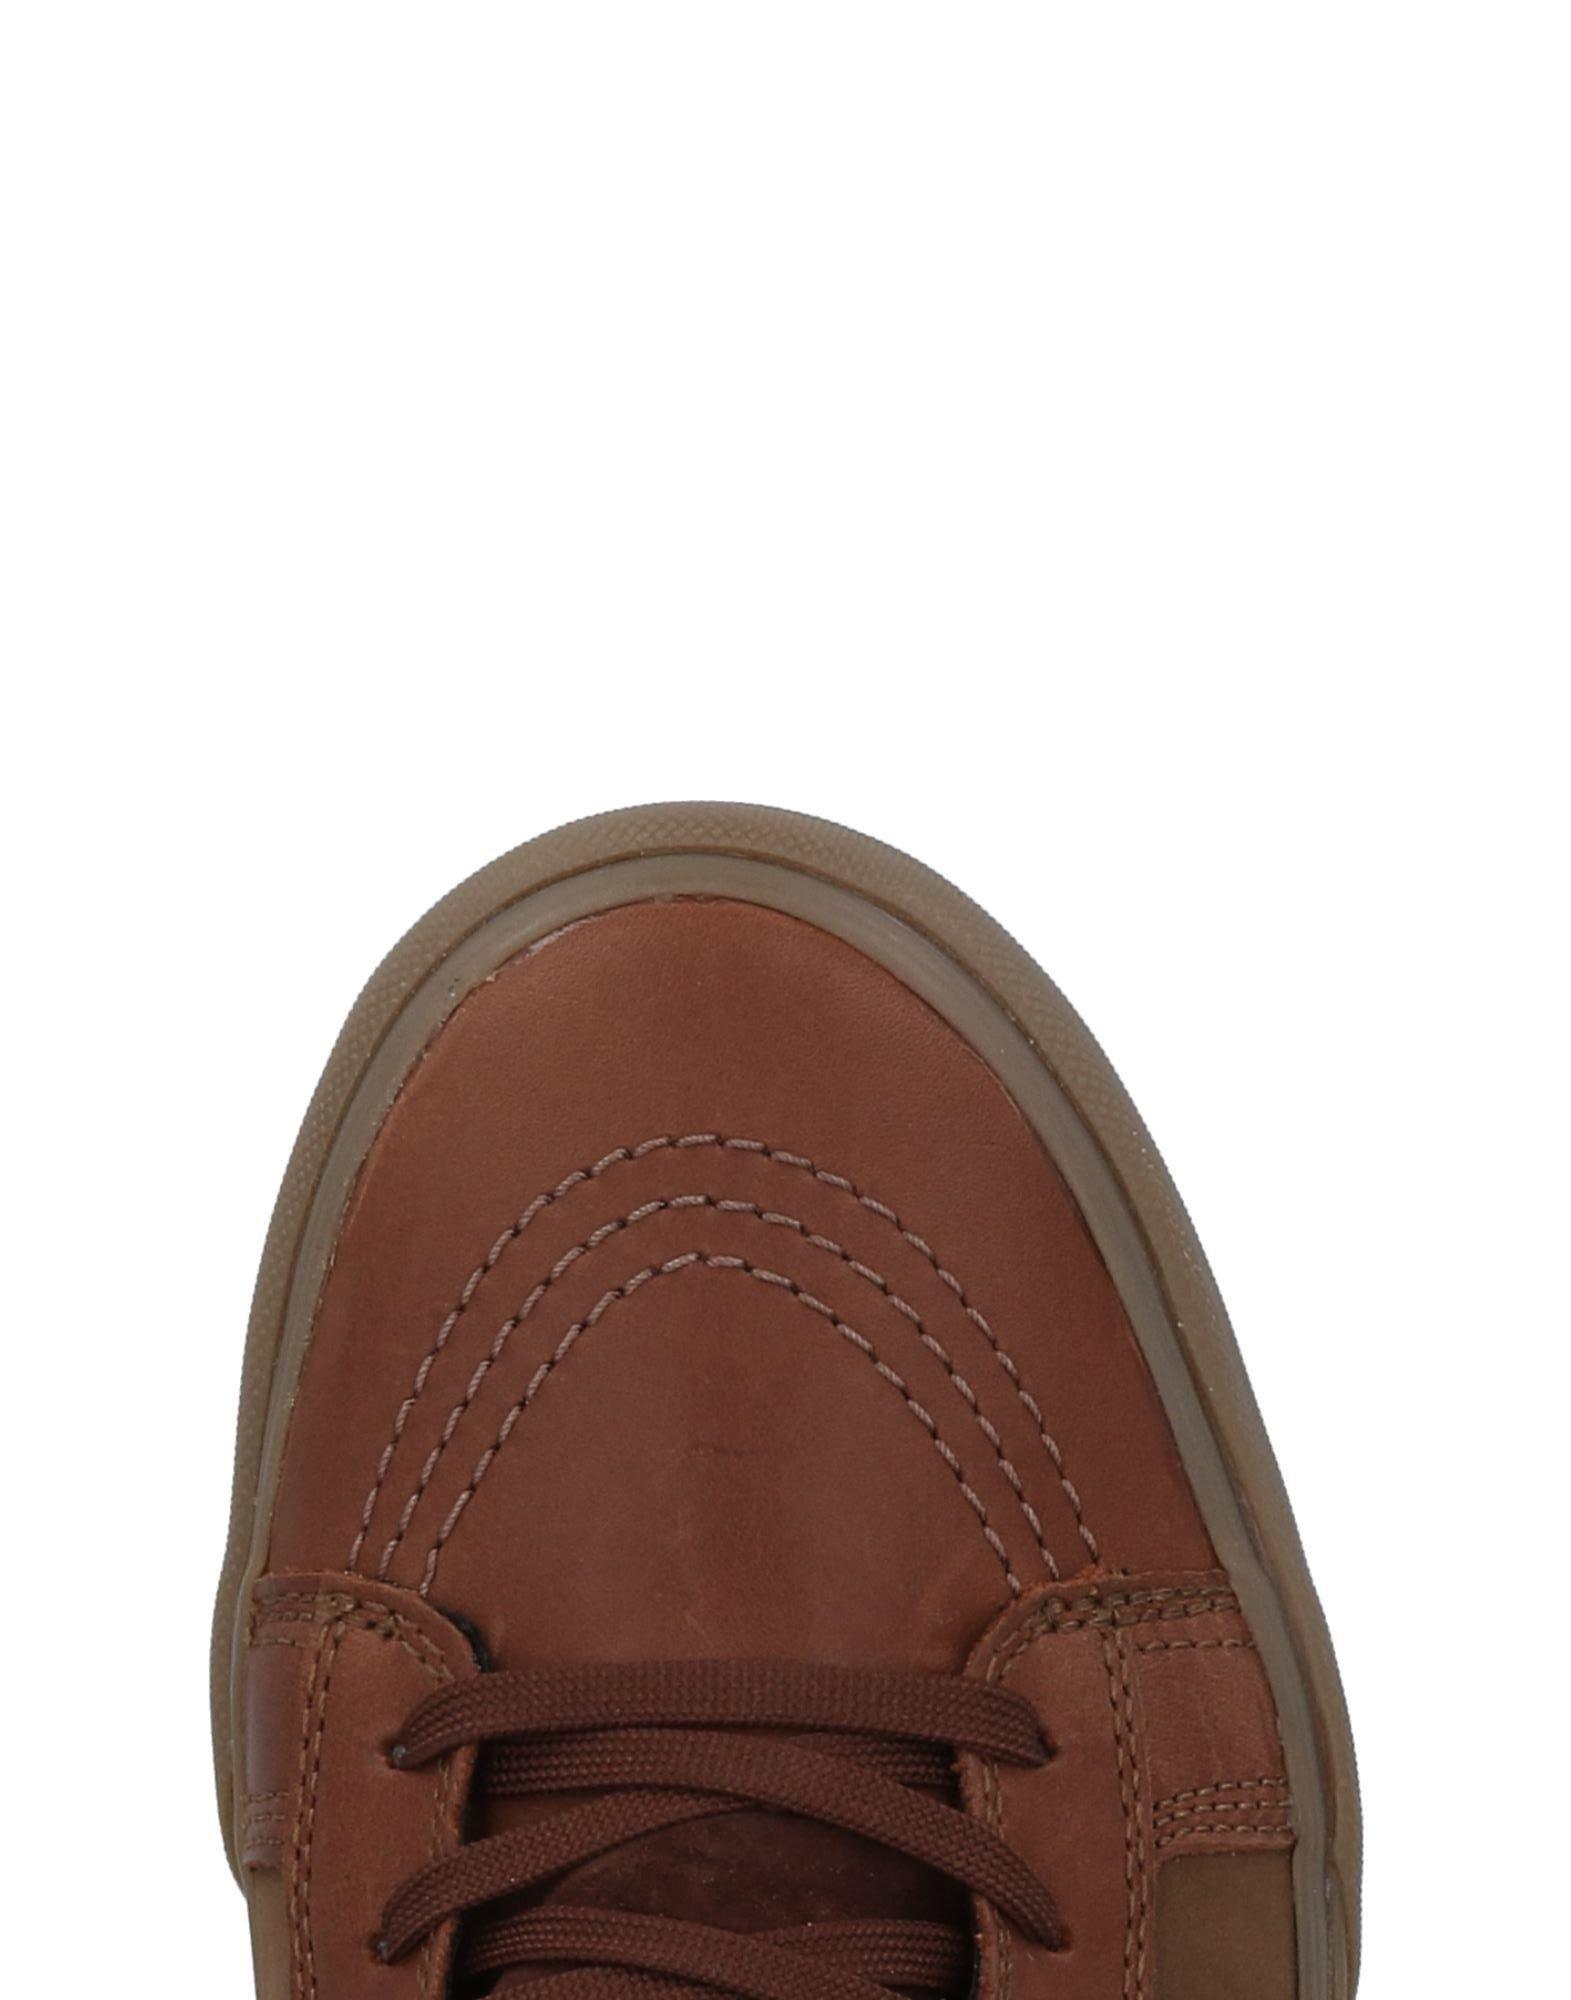 Rabatt Schuhe echte Schuhe Rabatt Vans Sneakers Herren  11490757AB 54ecbe